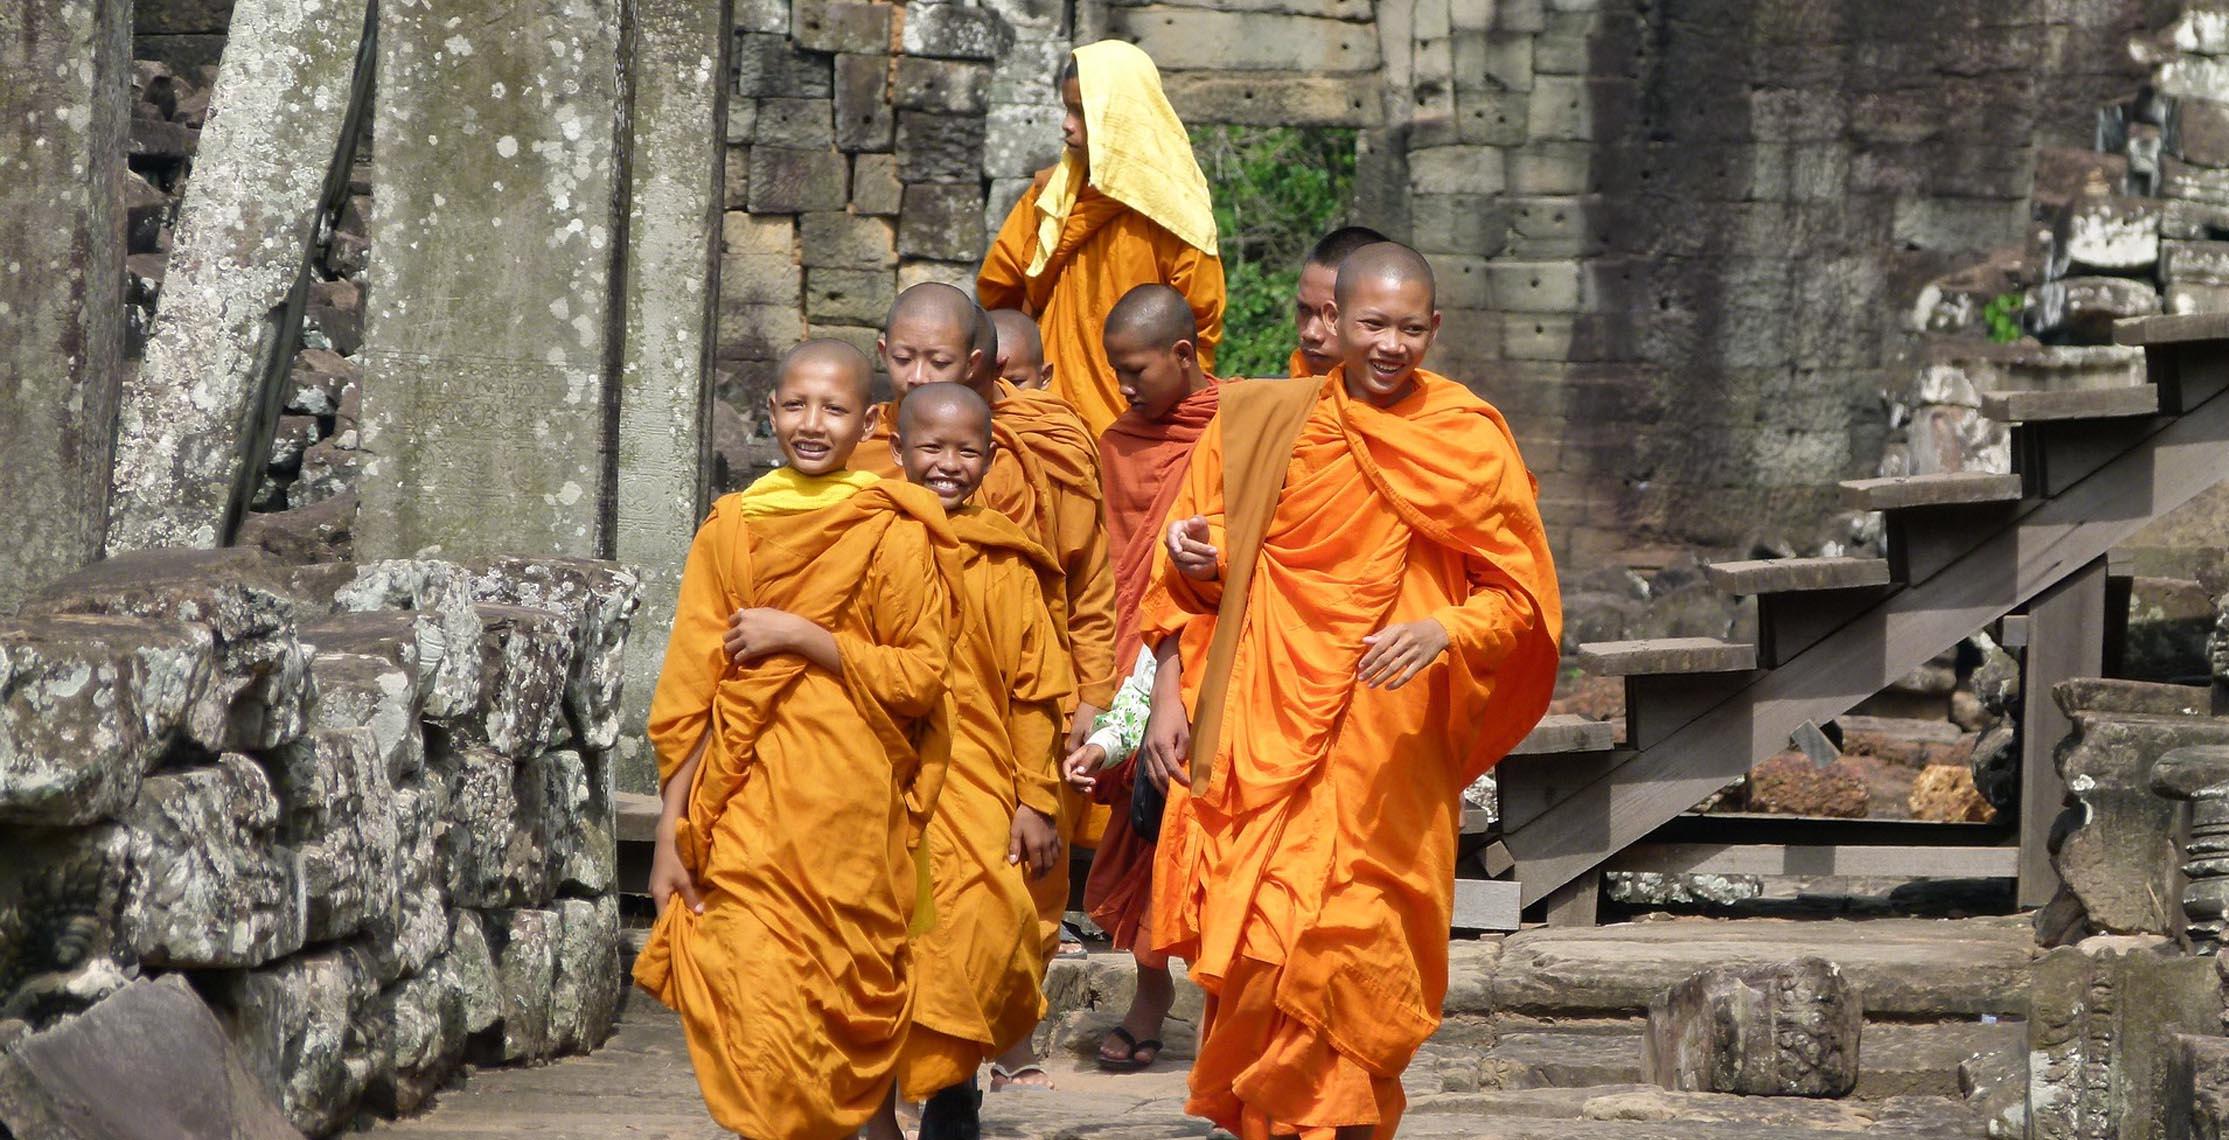 Économisez sur les voyages en Asie avec Globus Tours